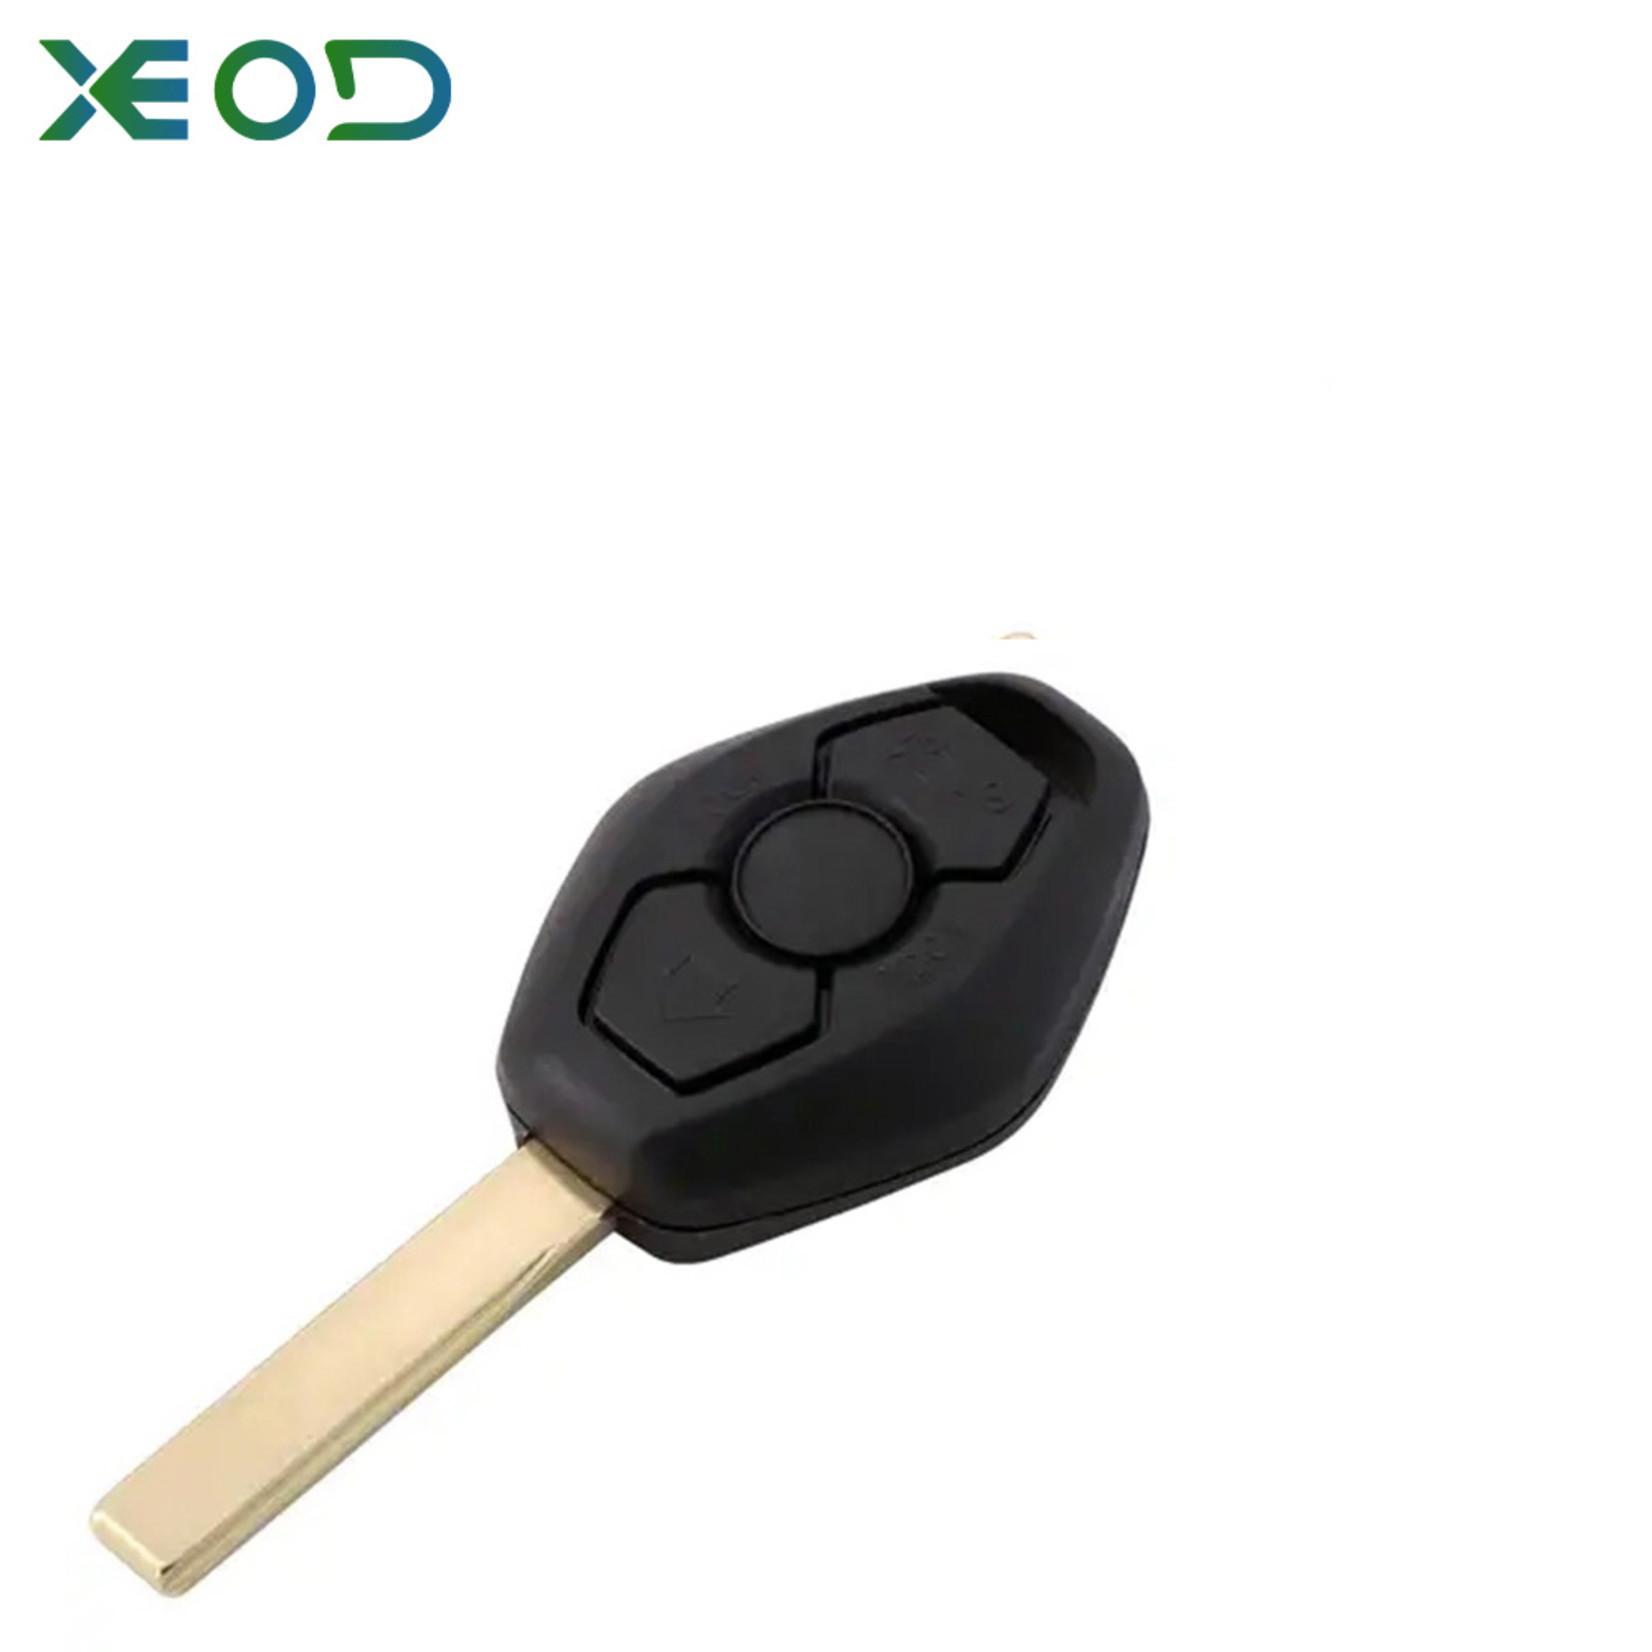 XEOD BMW E sleutelbehuizing 3-knops